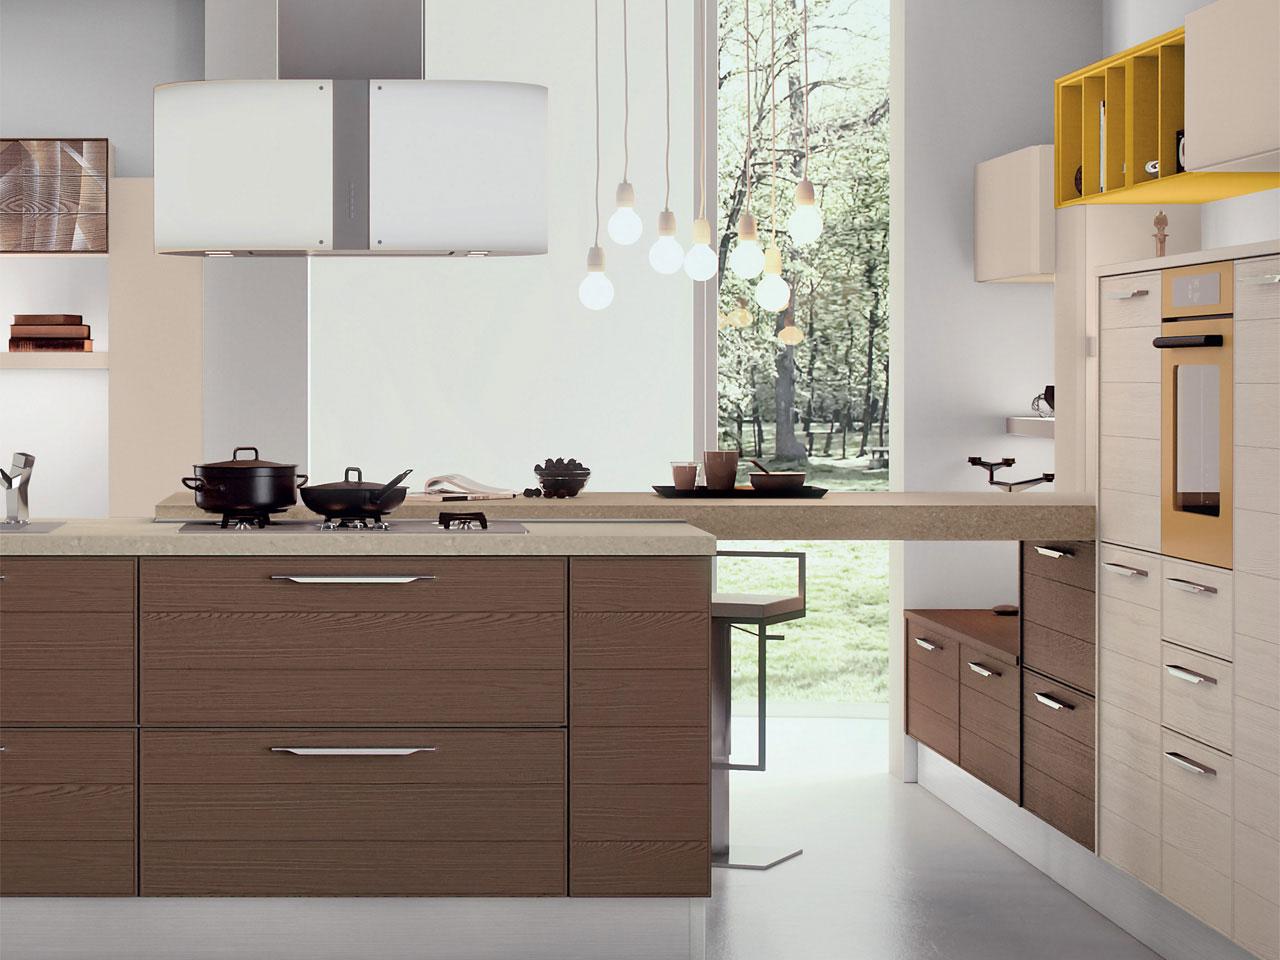 Cucine Moderne Lube - Modello Adele Project   Perego Arredamenti